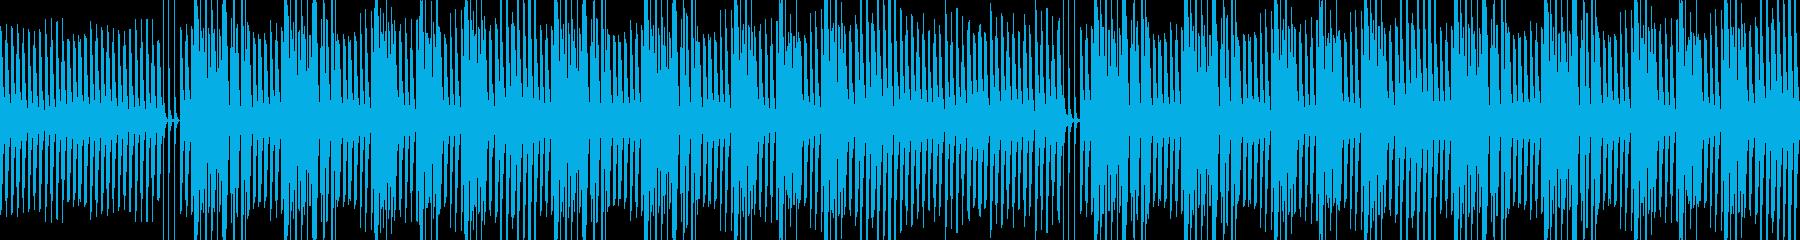 かわいいマリンバ・ほのぼの・始まり・動物の再生済みの波形